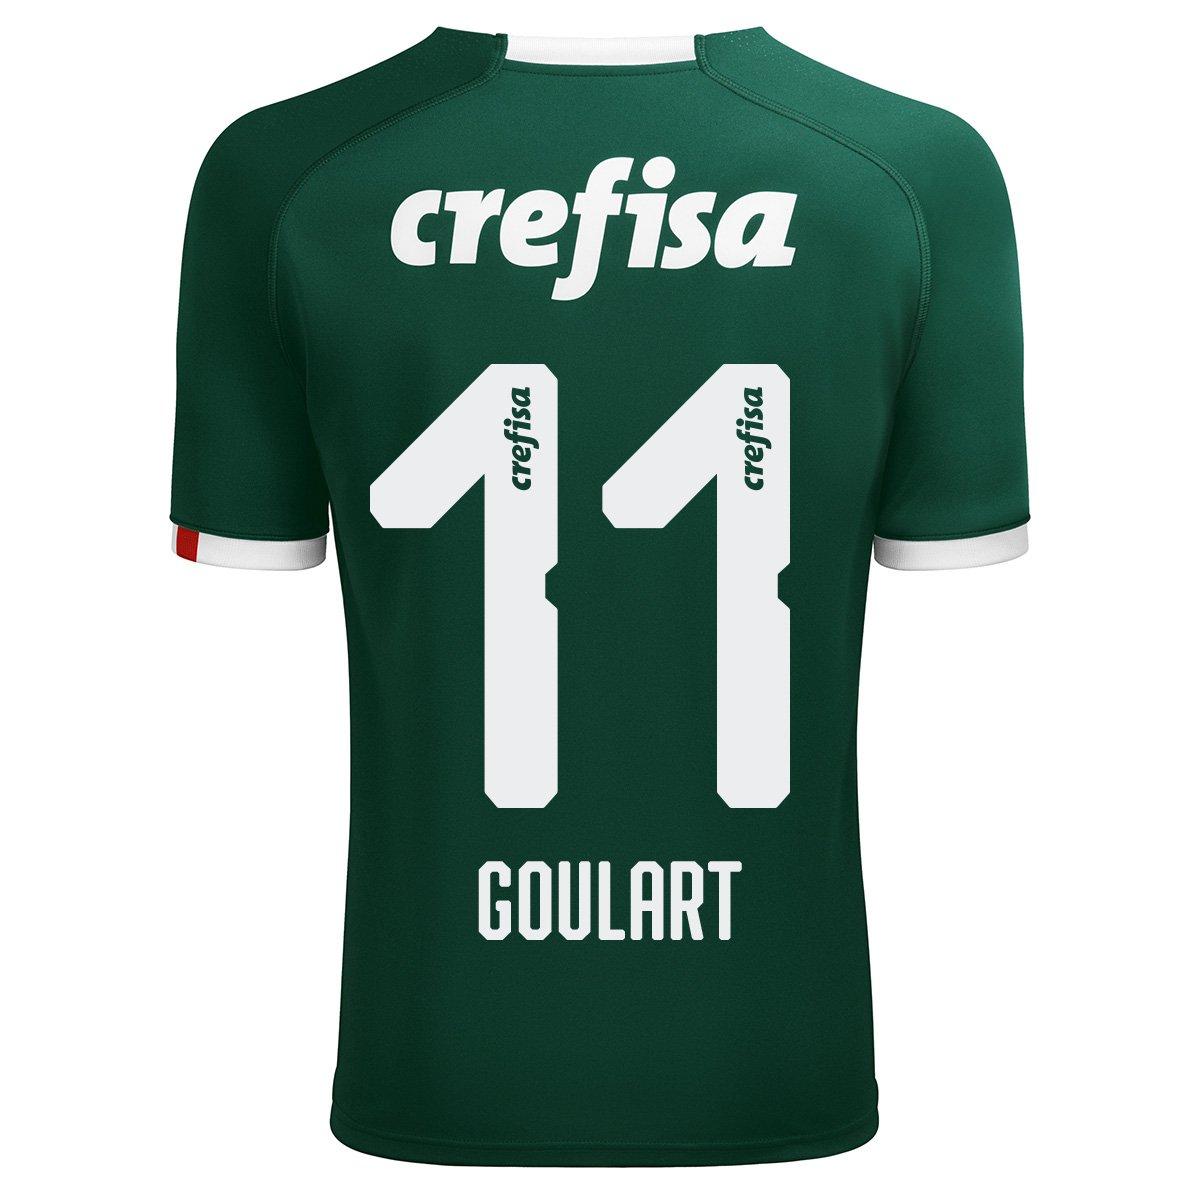 d96728004 Camisa Palmeiras I 19 20 Goulart nº 11 - Torcedor Puma Masculina - Verde -  Compre Agora